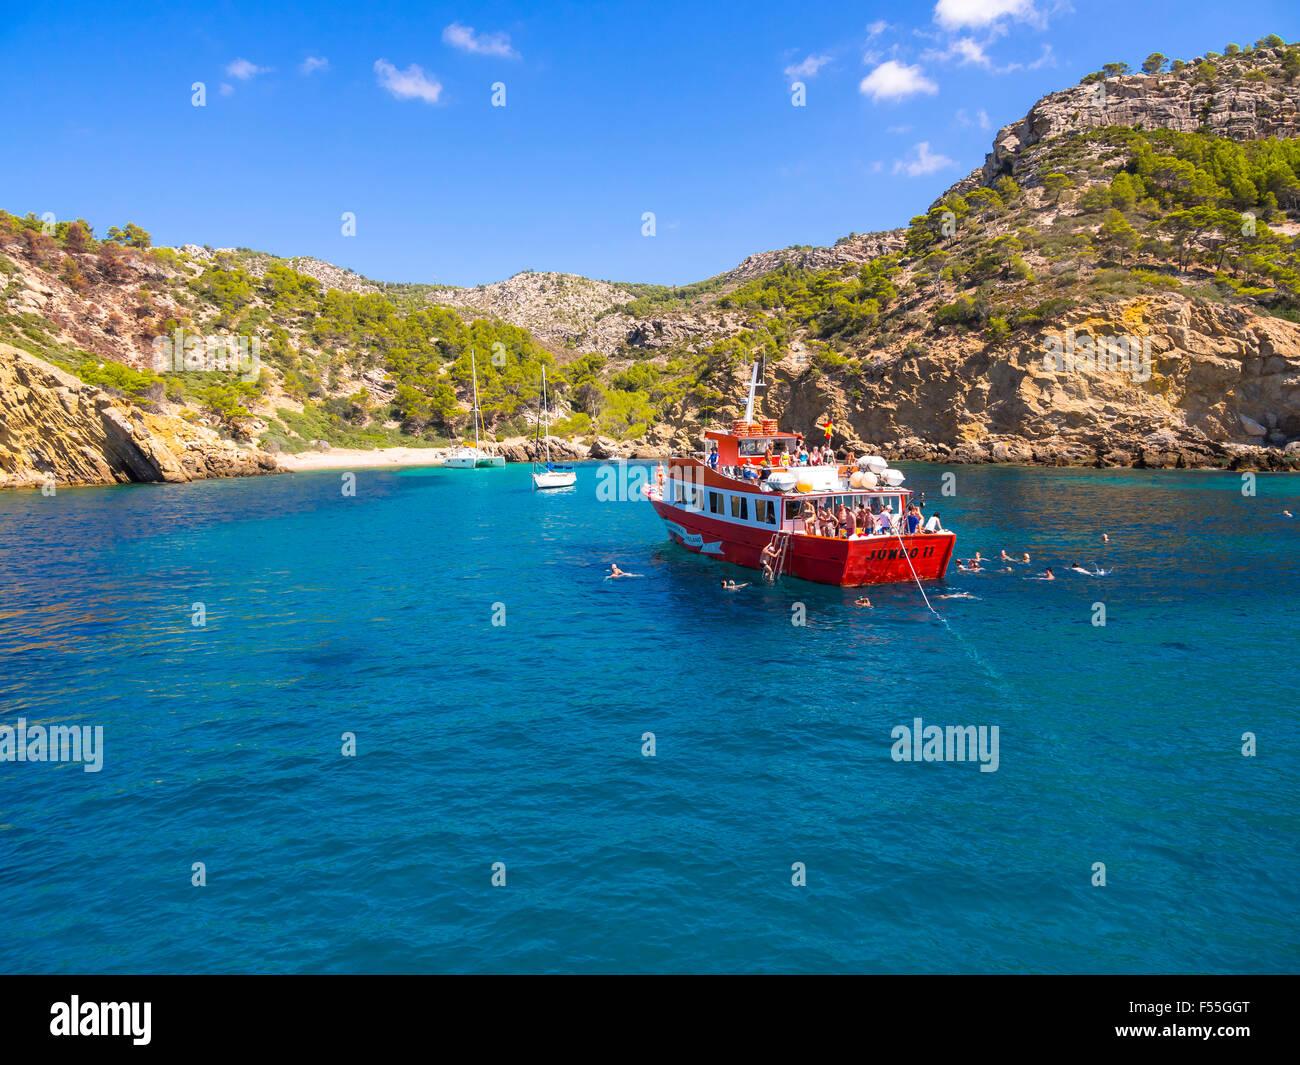 Spain, Mallorca, Region Andratx, Punta de Sa Dent, excursion boat - Stock Image